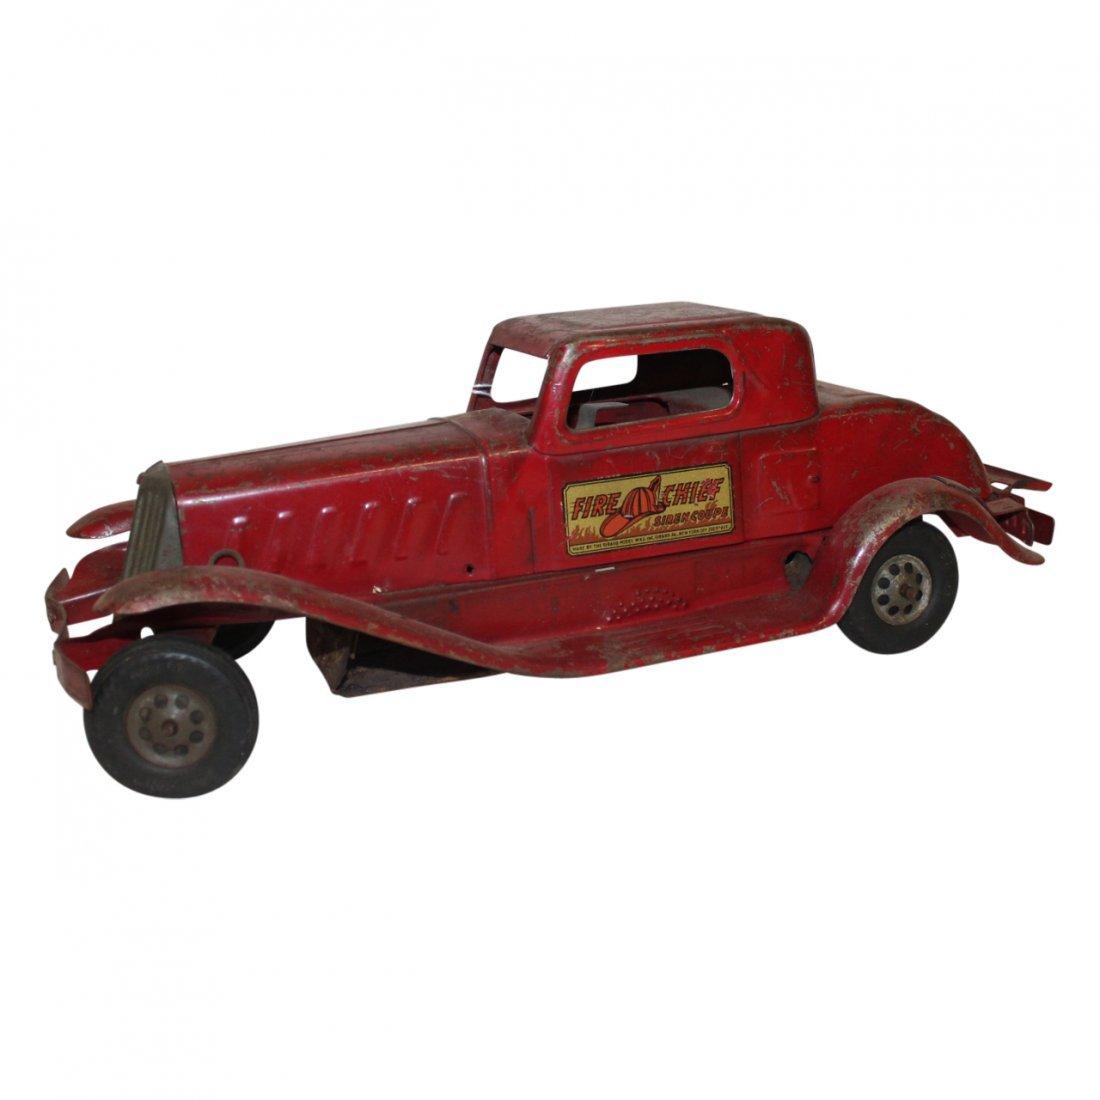 Toy Metal Car Girard Model Works